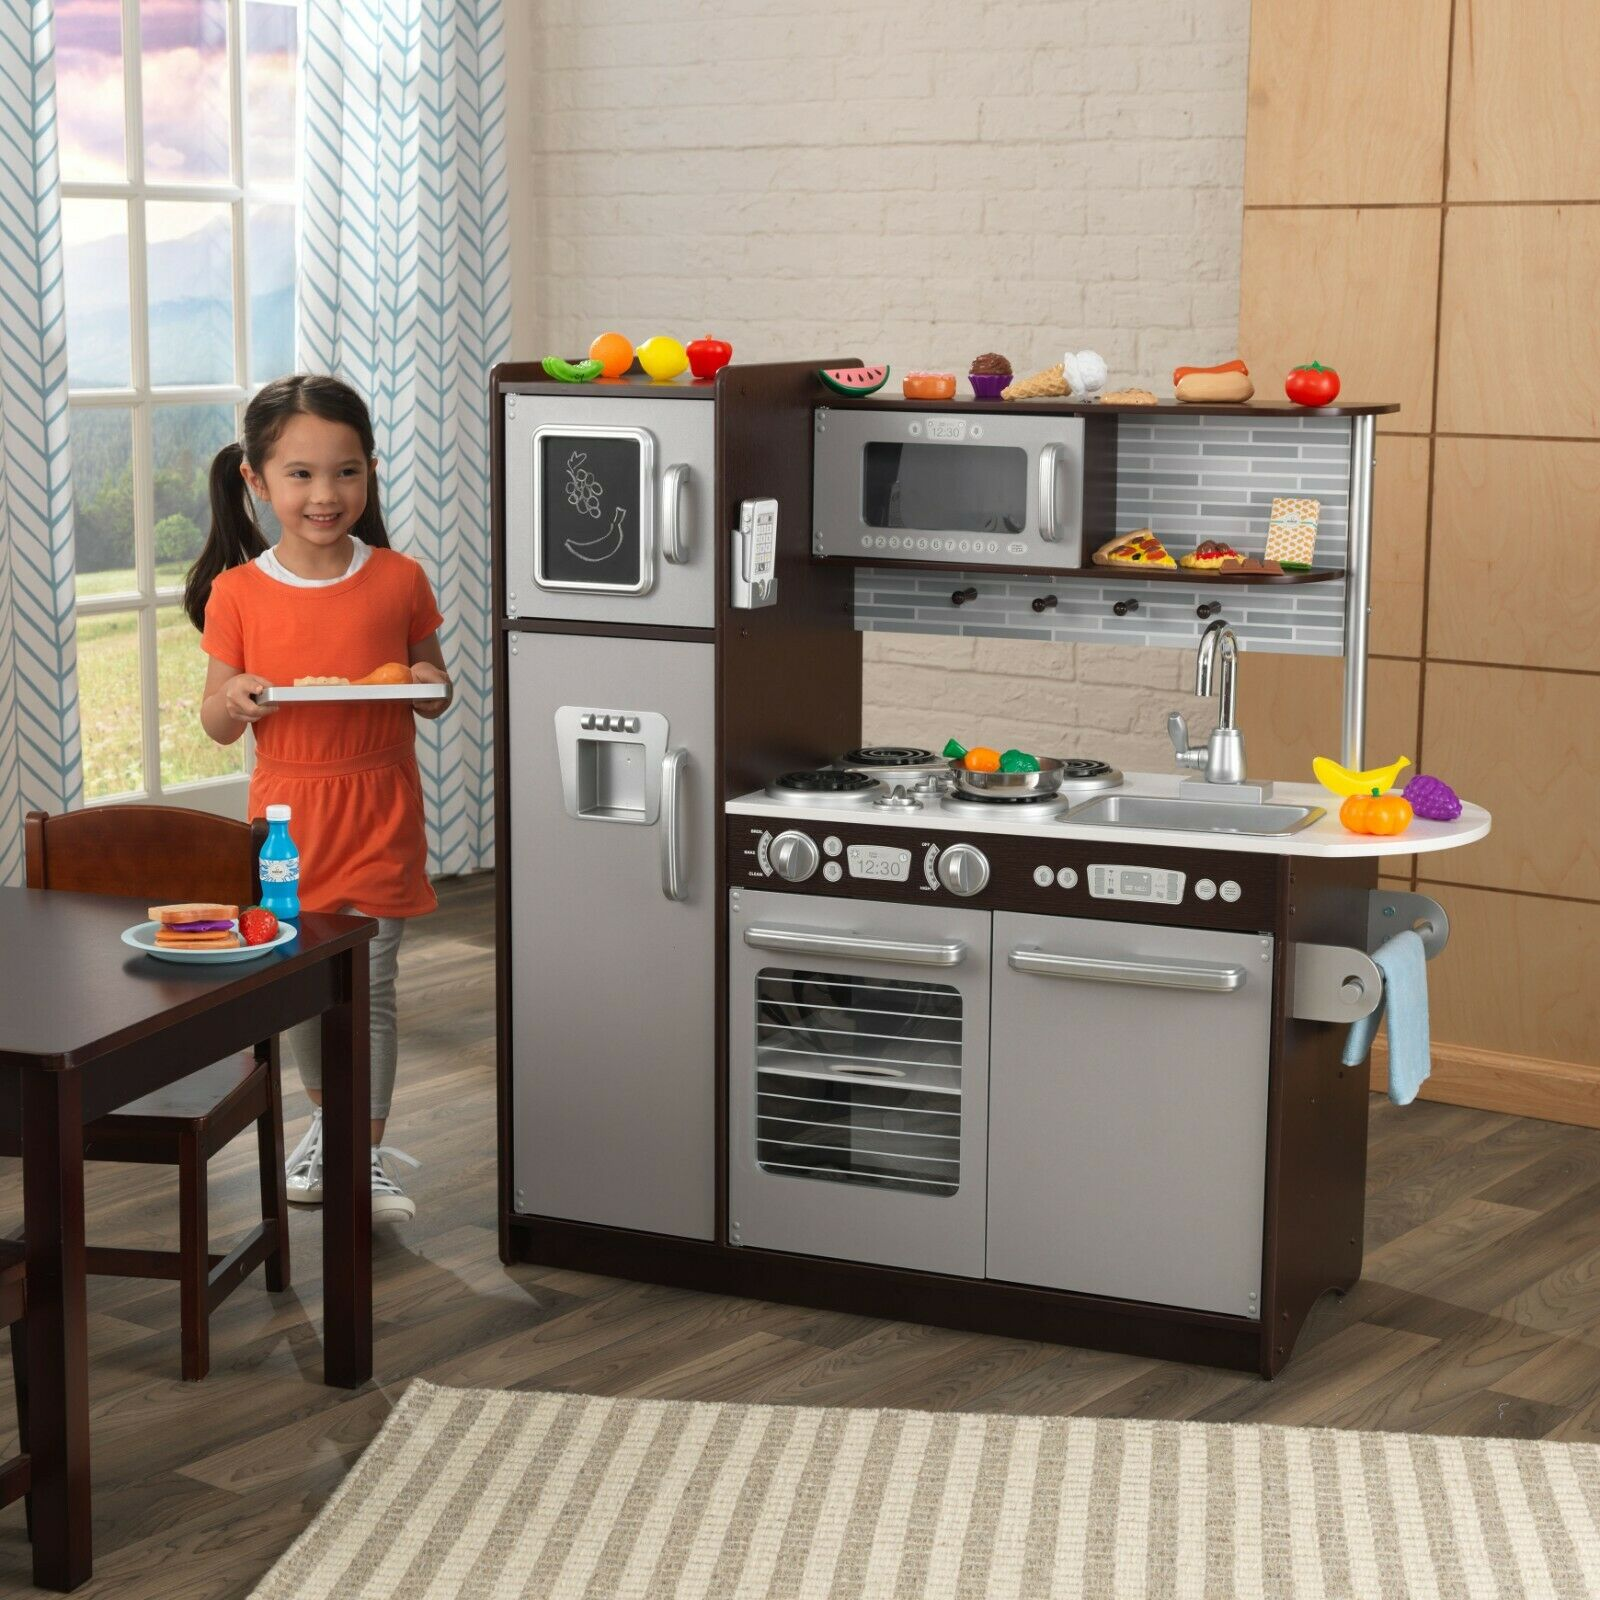 Pretend Kitchen Play Set 30 Piece Oven Refrigerator Kids Toy